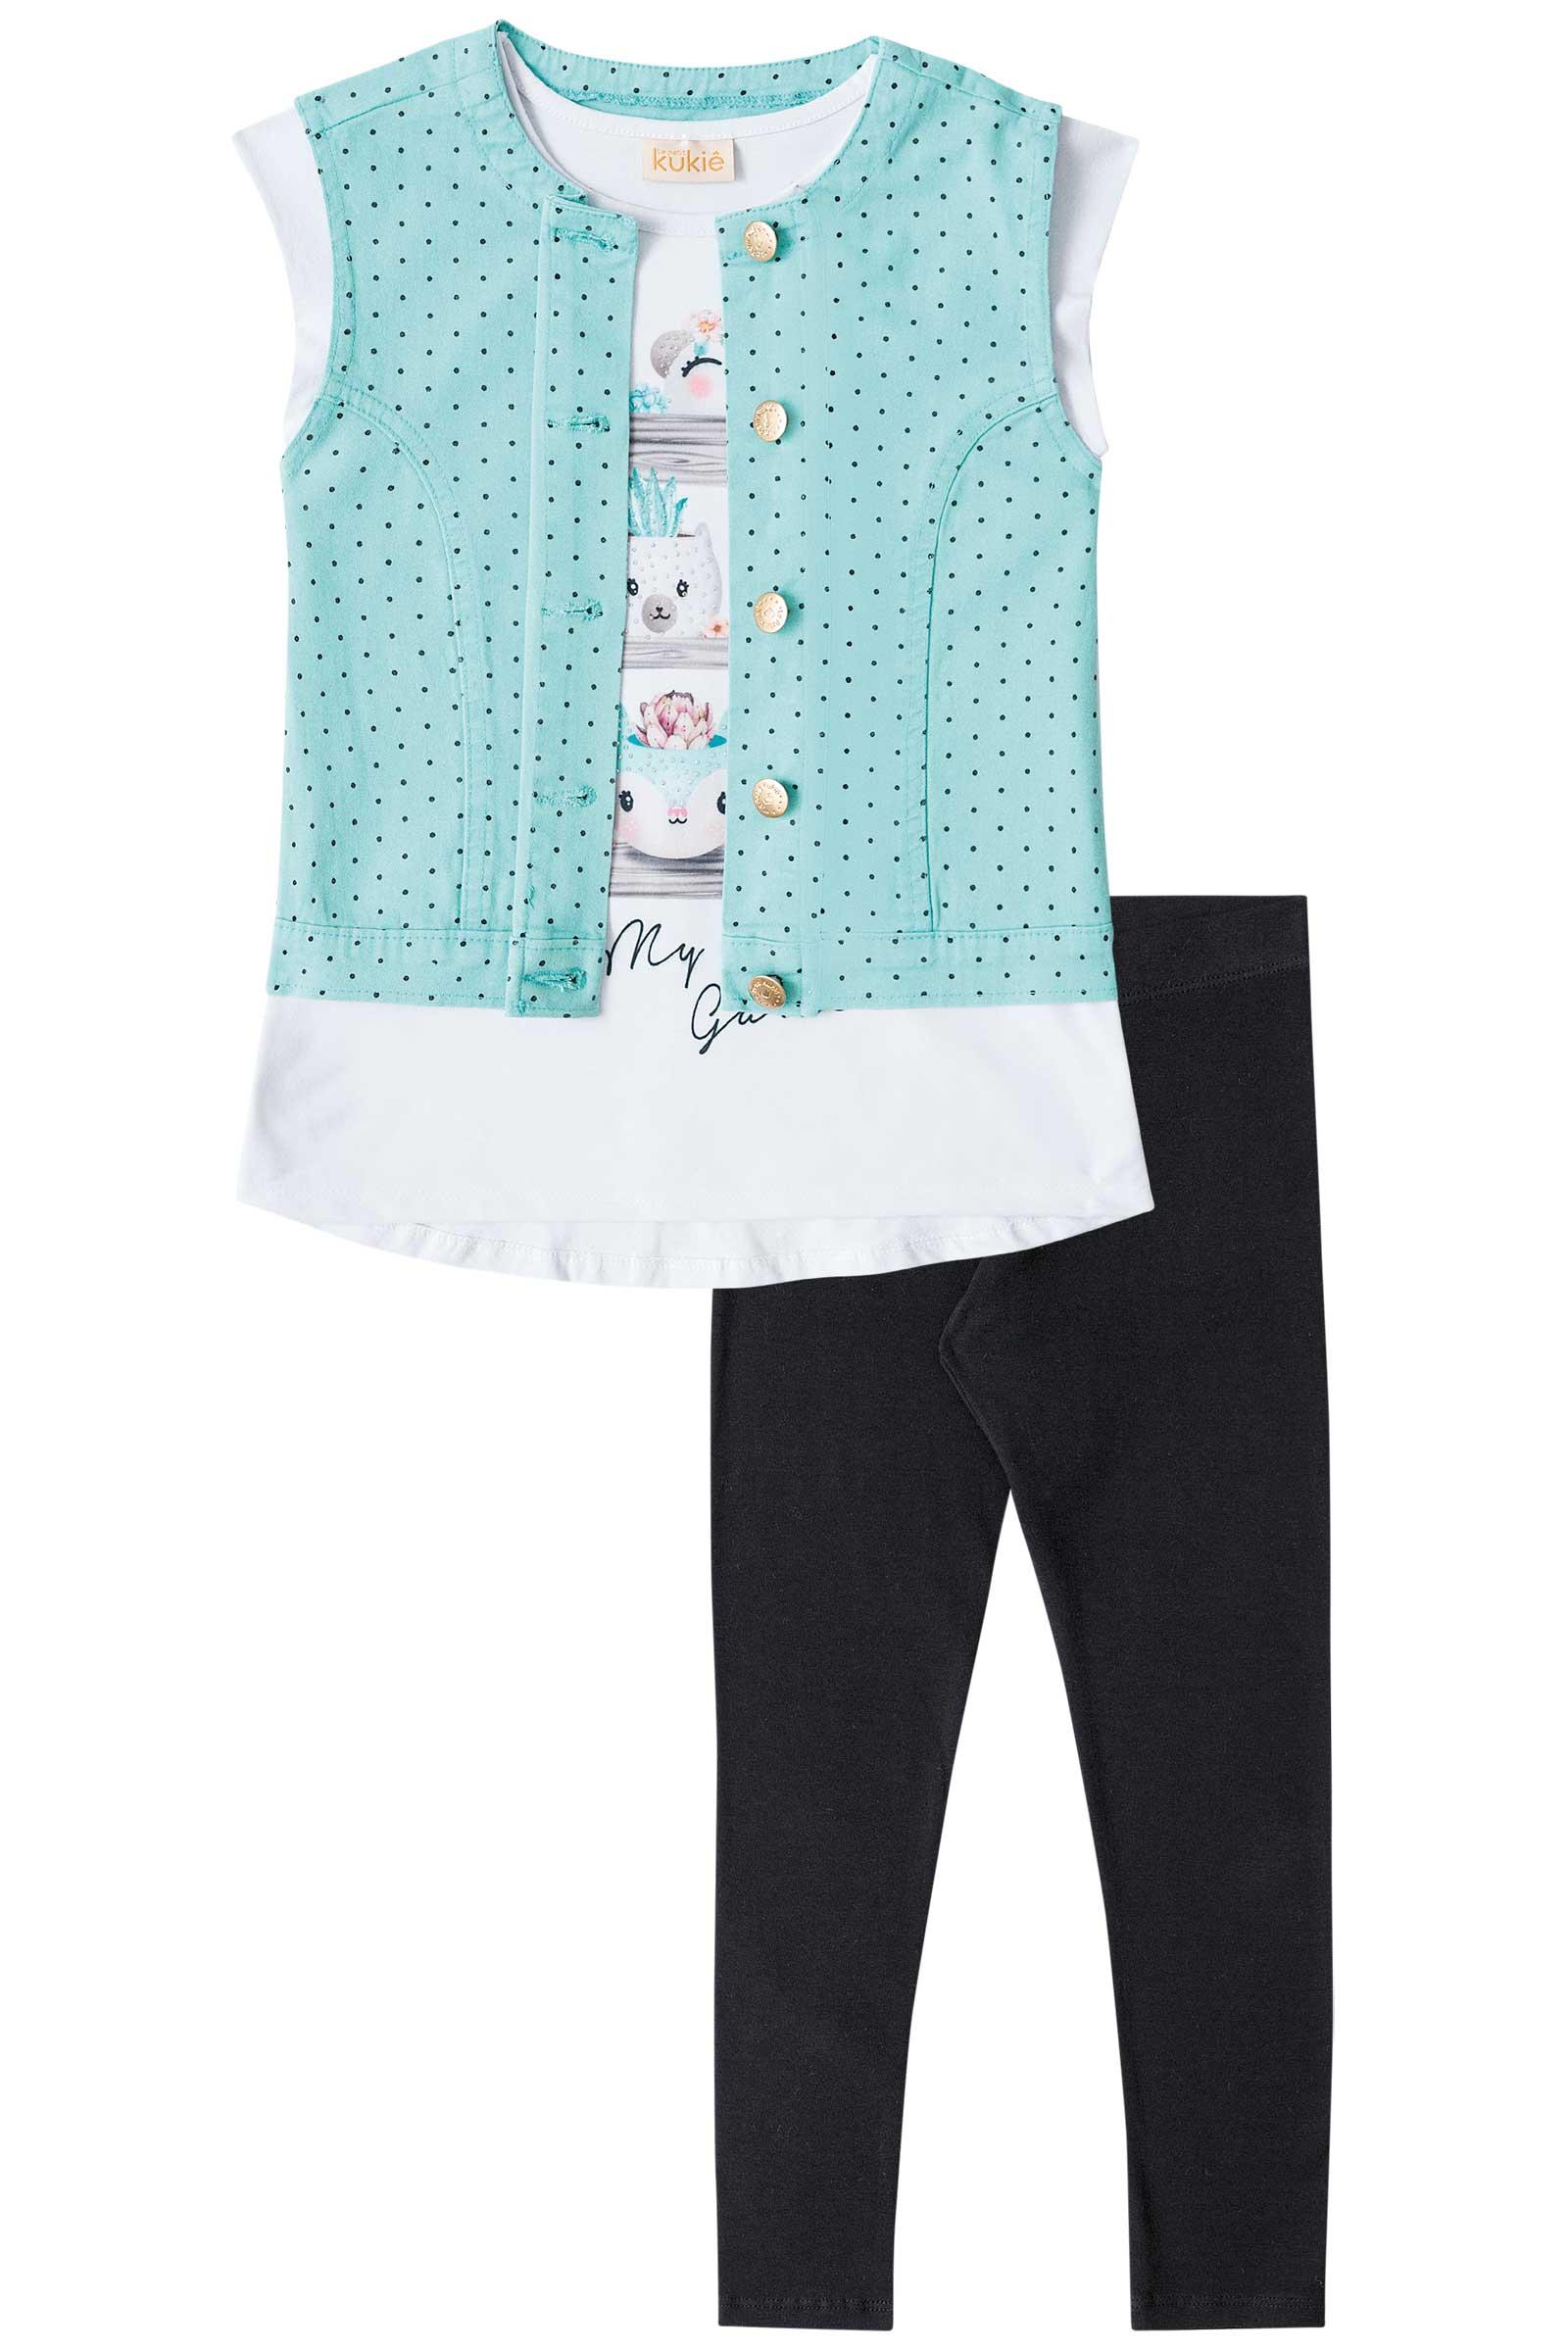 d13489bf9d106e Blusa + Colete + Calça Legging - Infantil Kukiê Feminino